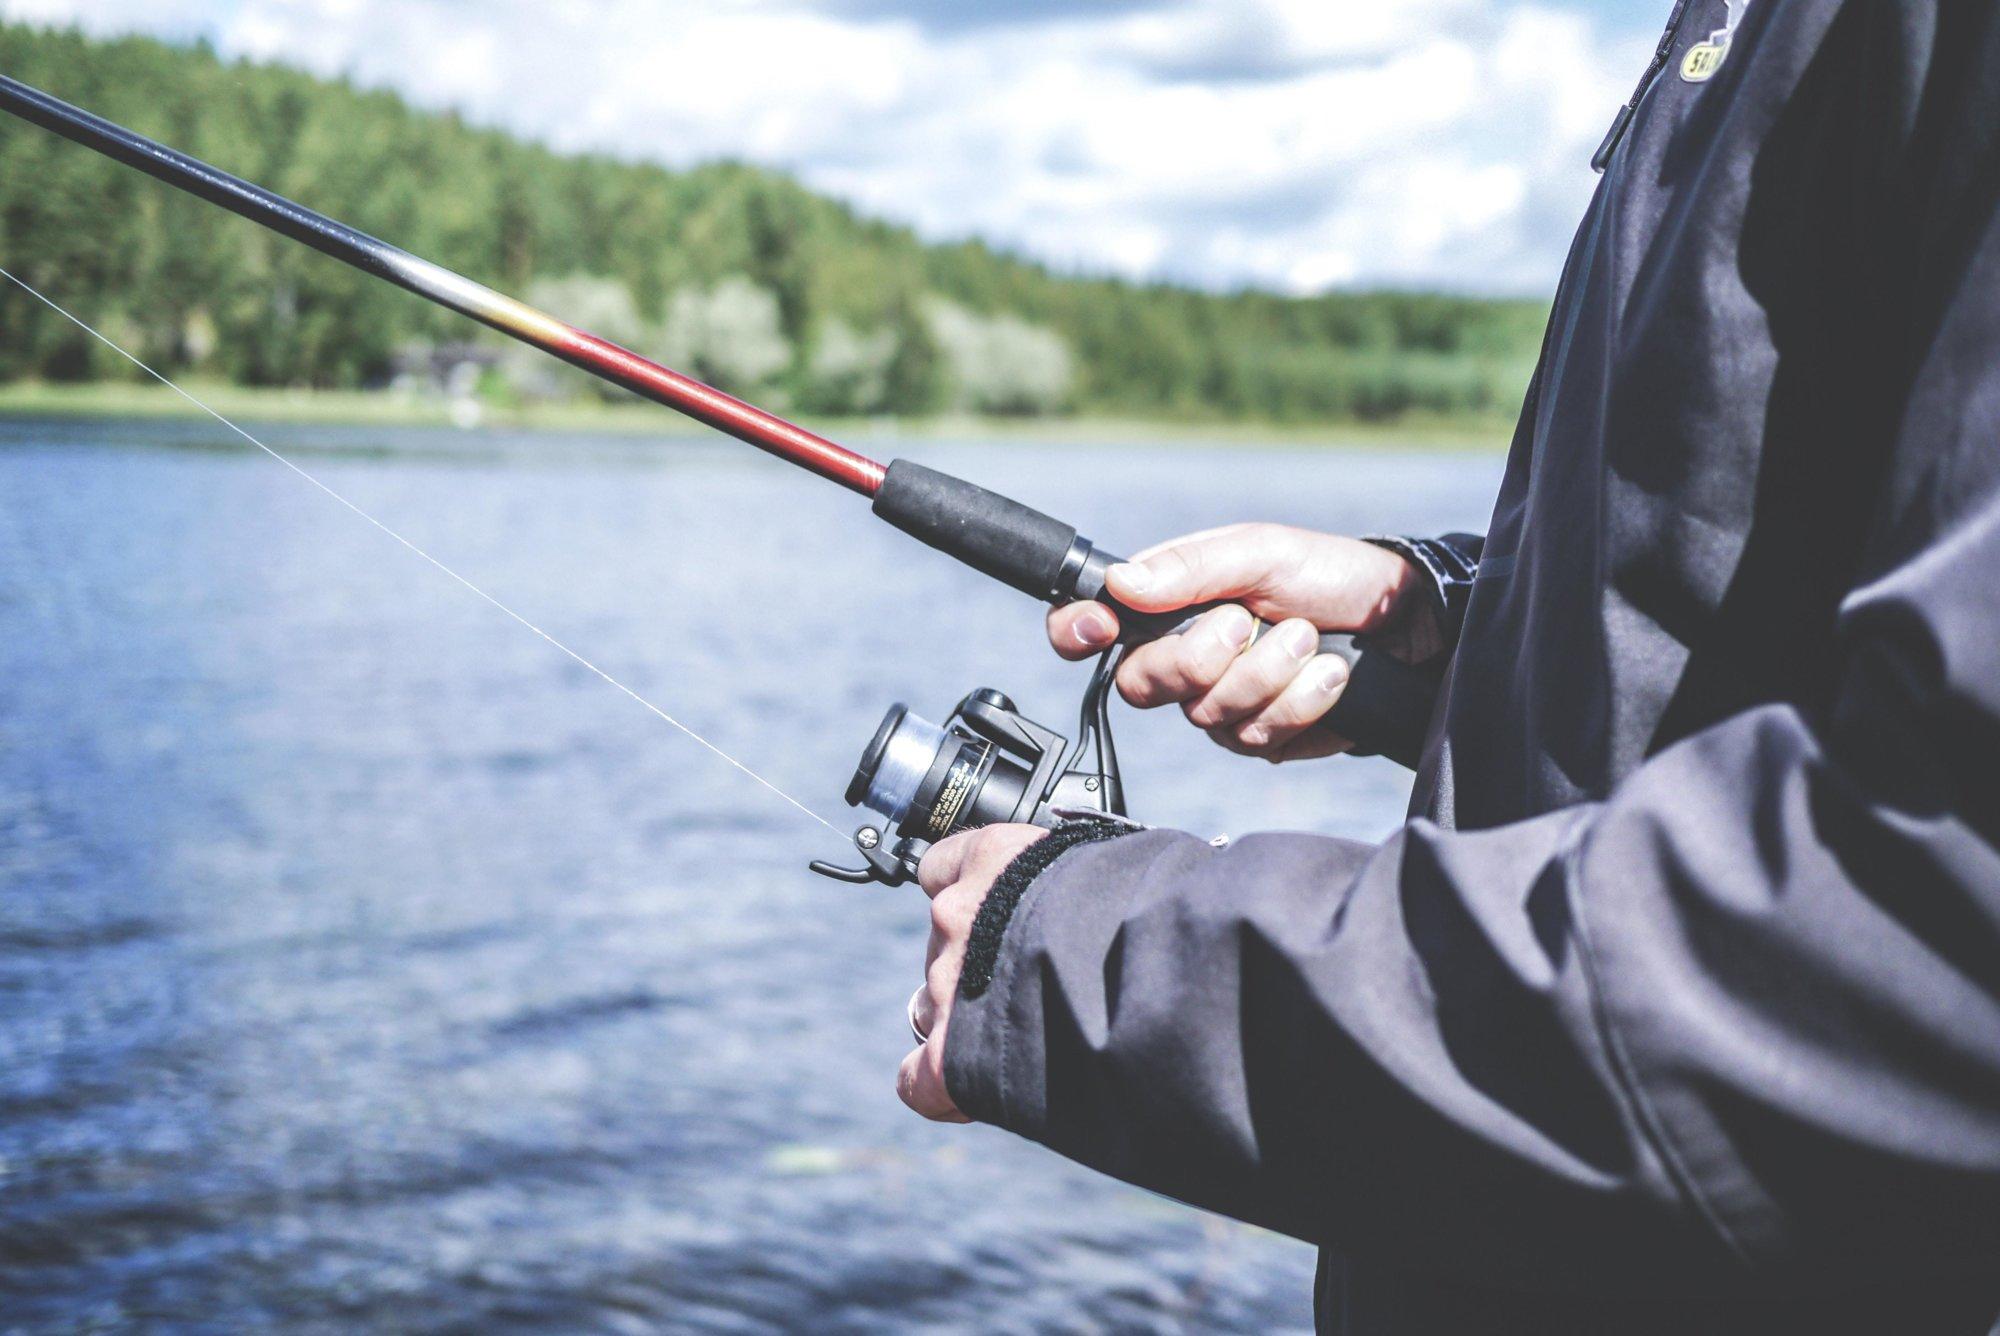 Рыболовный спорт: что это, соревнования, как развивается в Украине